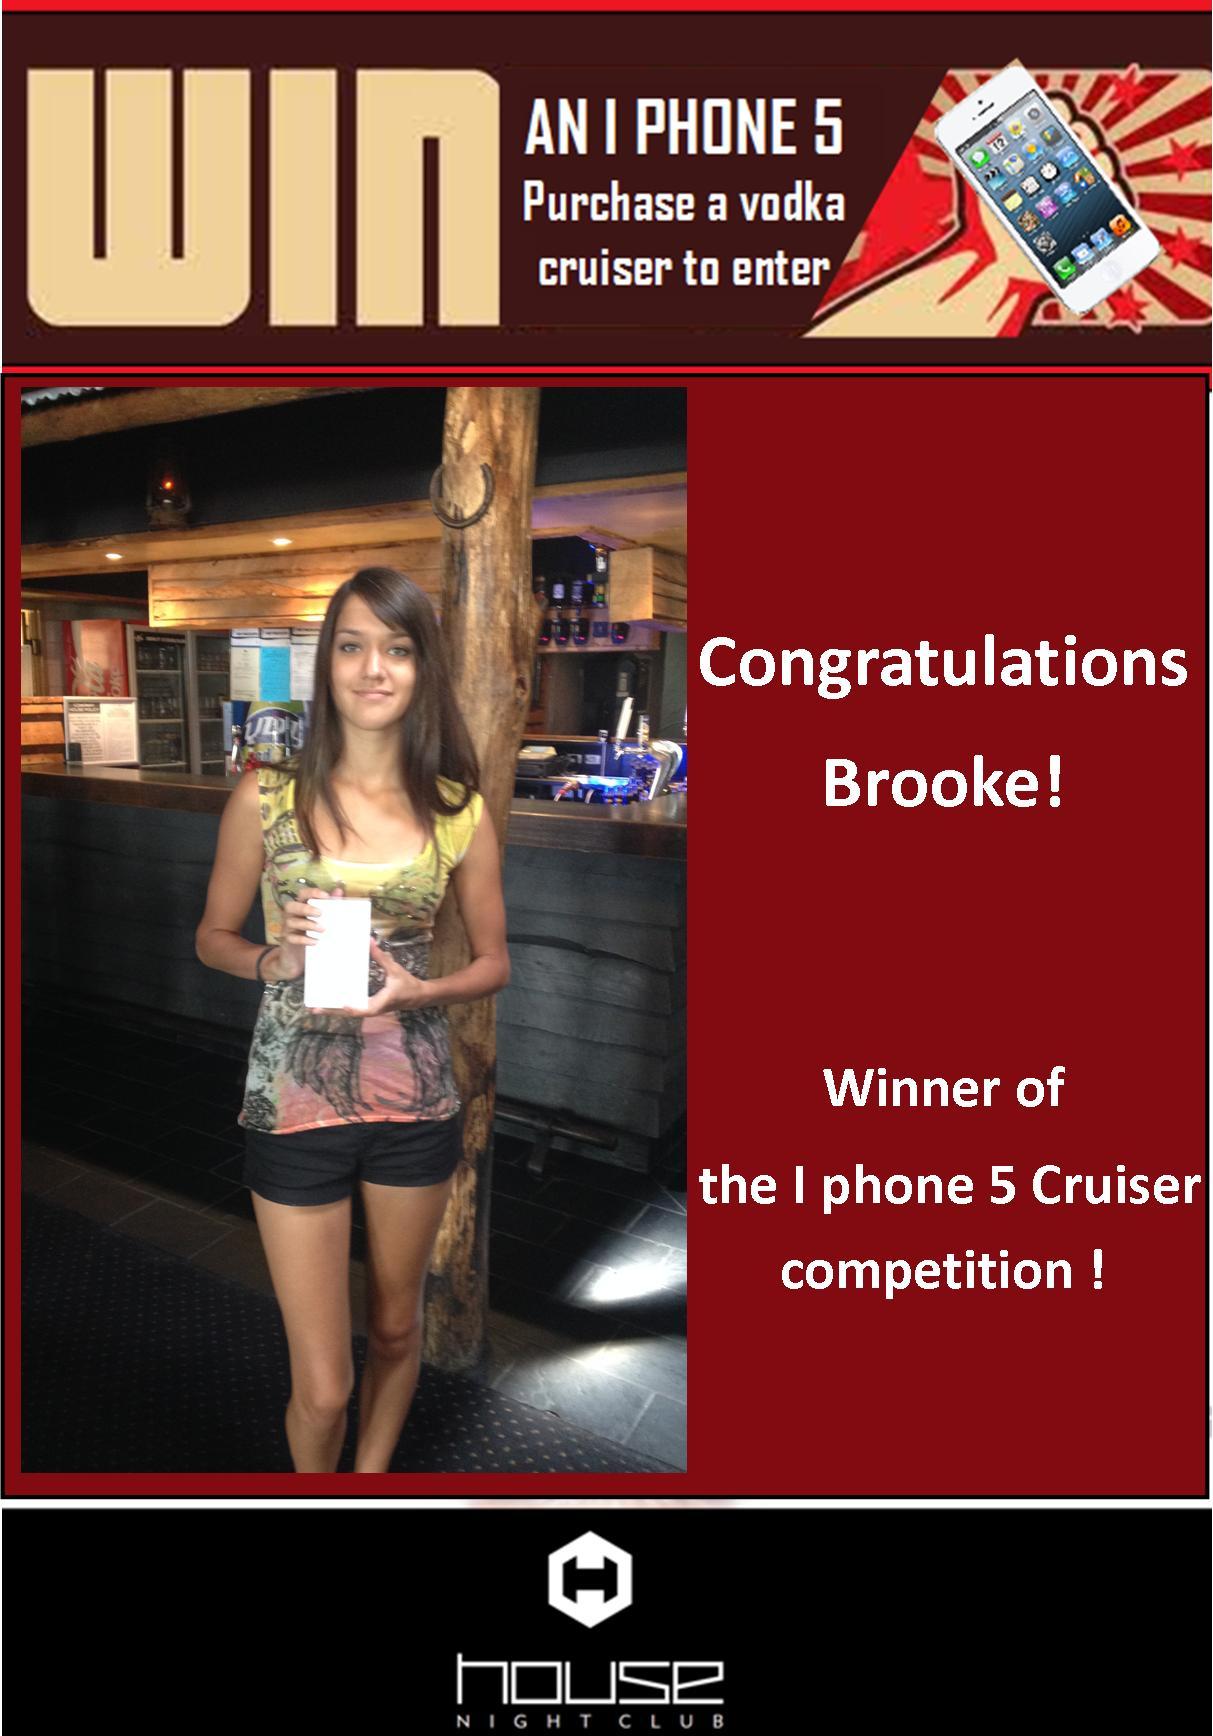 Winner of 1 Phone 5